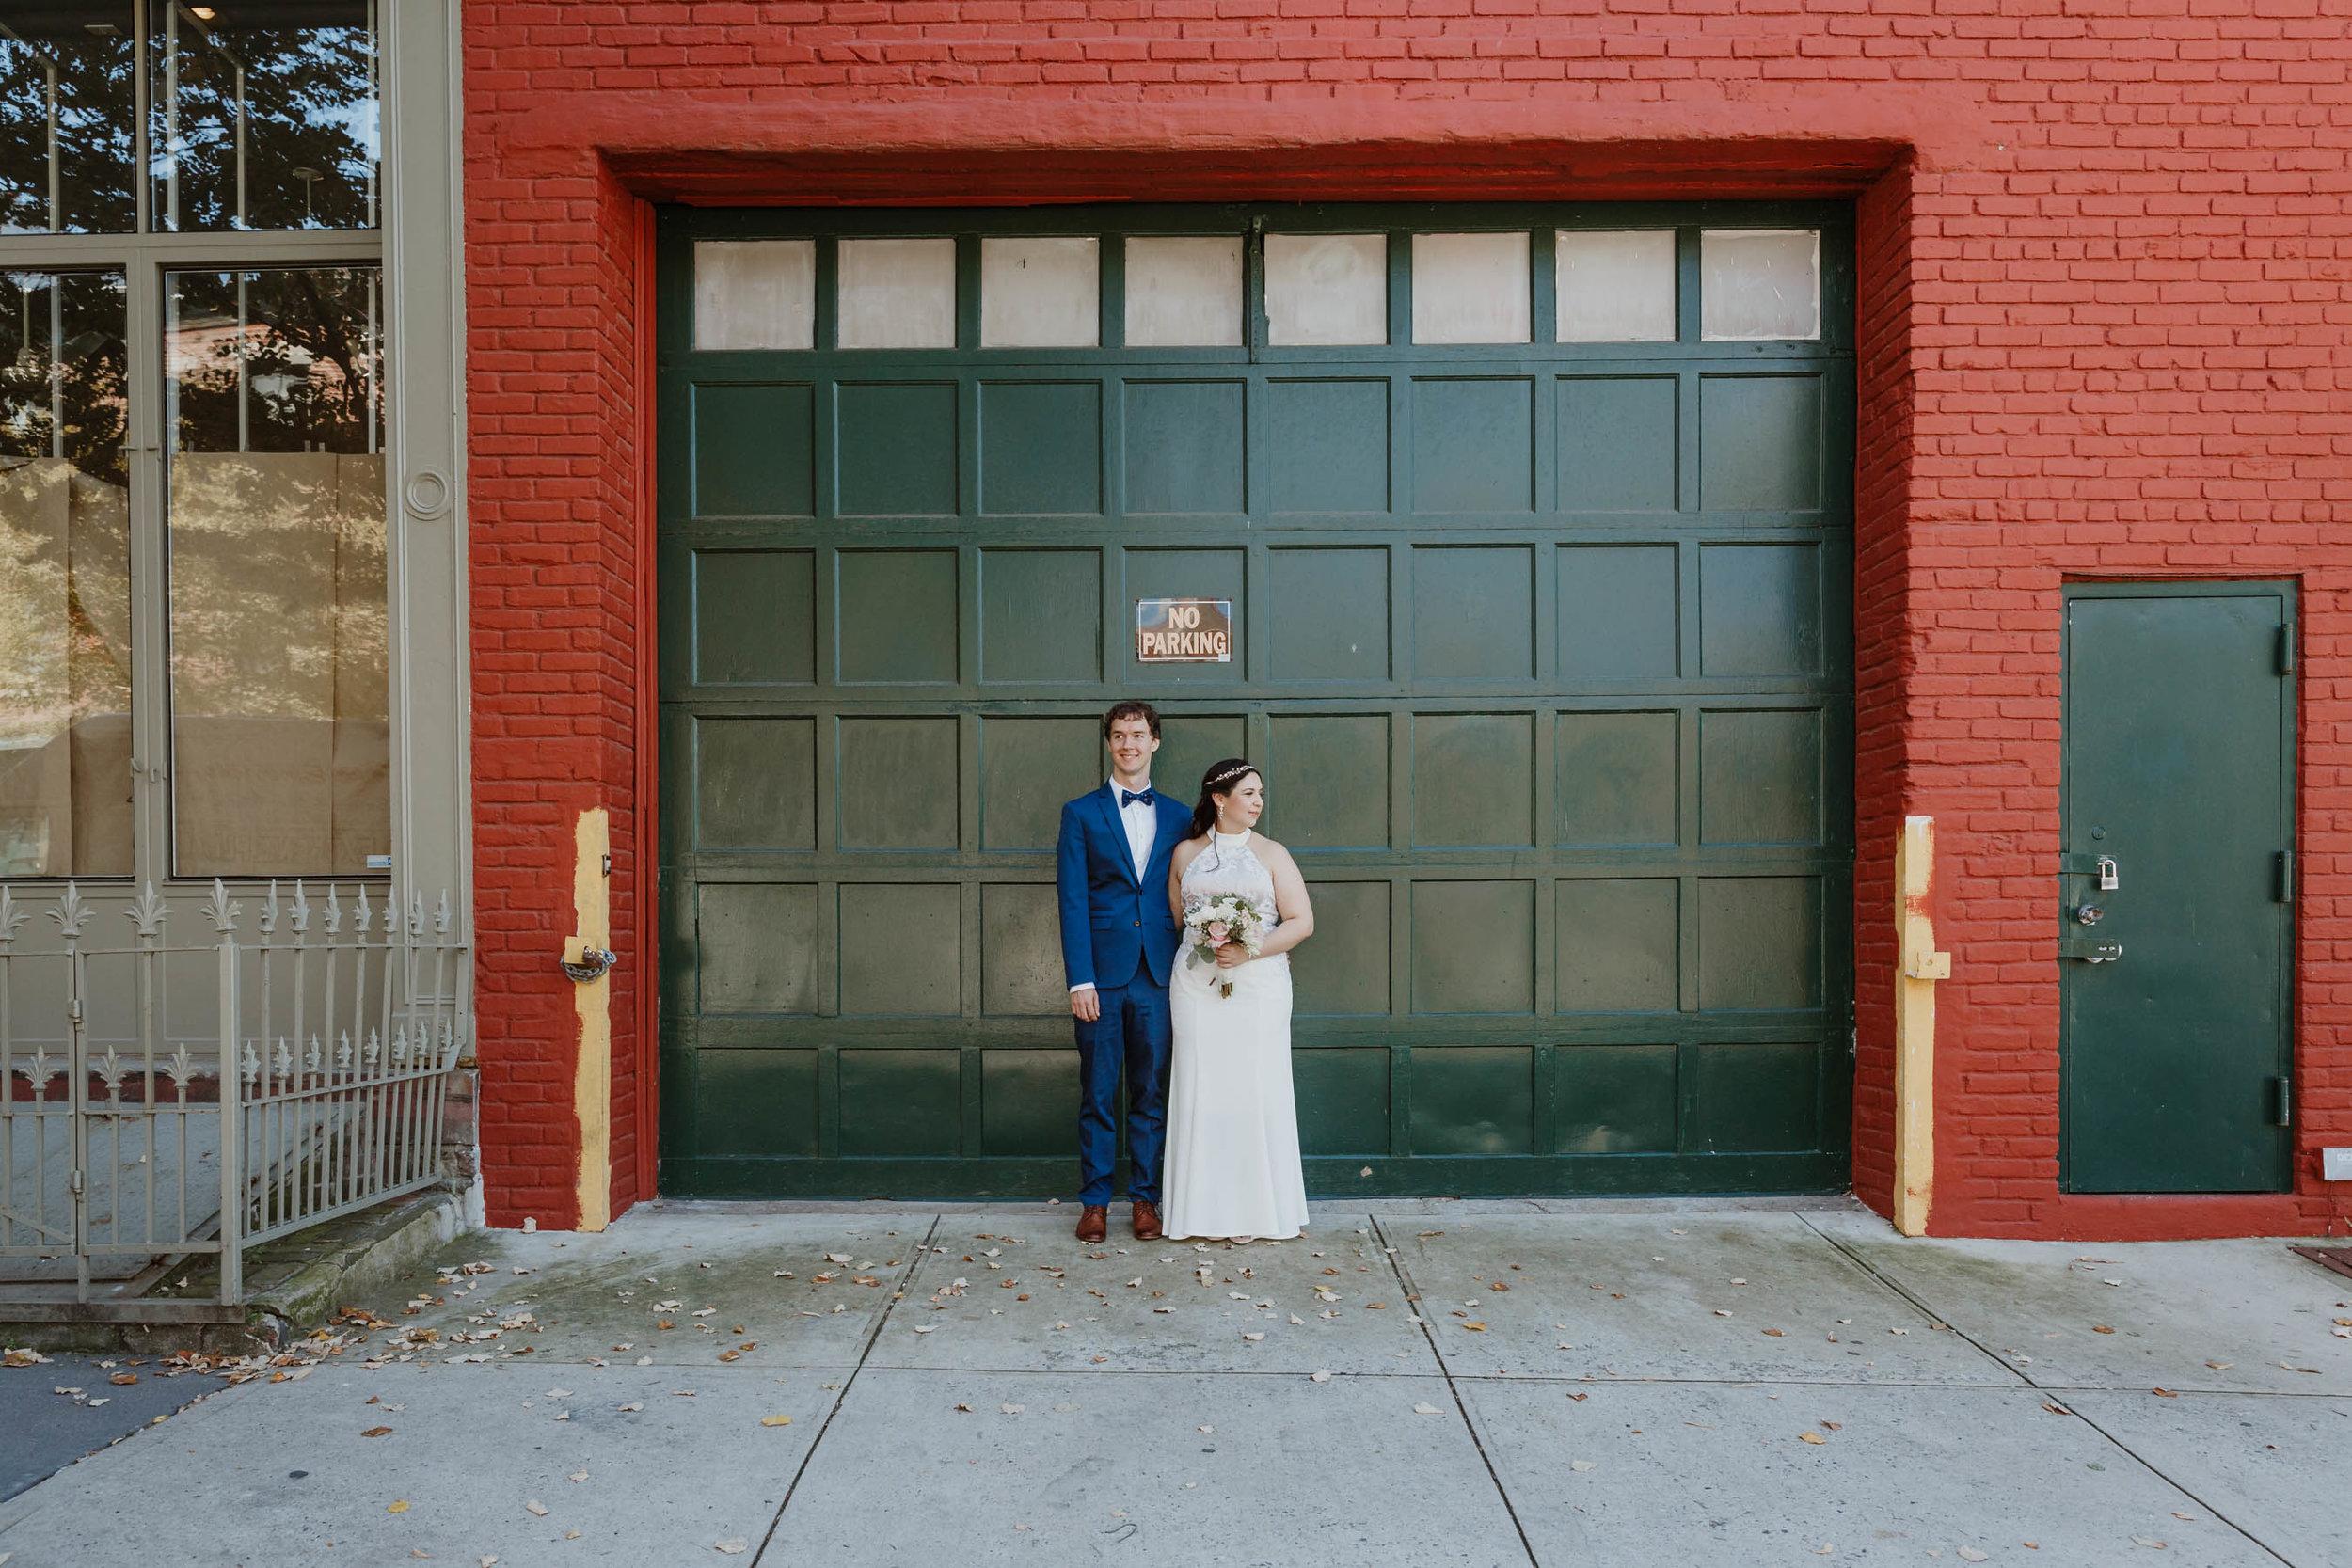 aurora-restaurant-wedding-photographer-elizabeth-tsung-photo-35.jpg